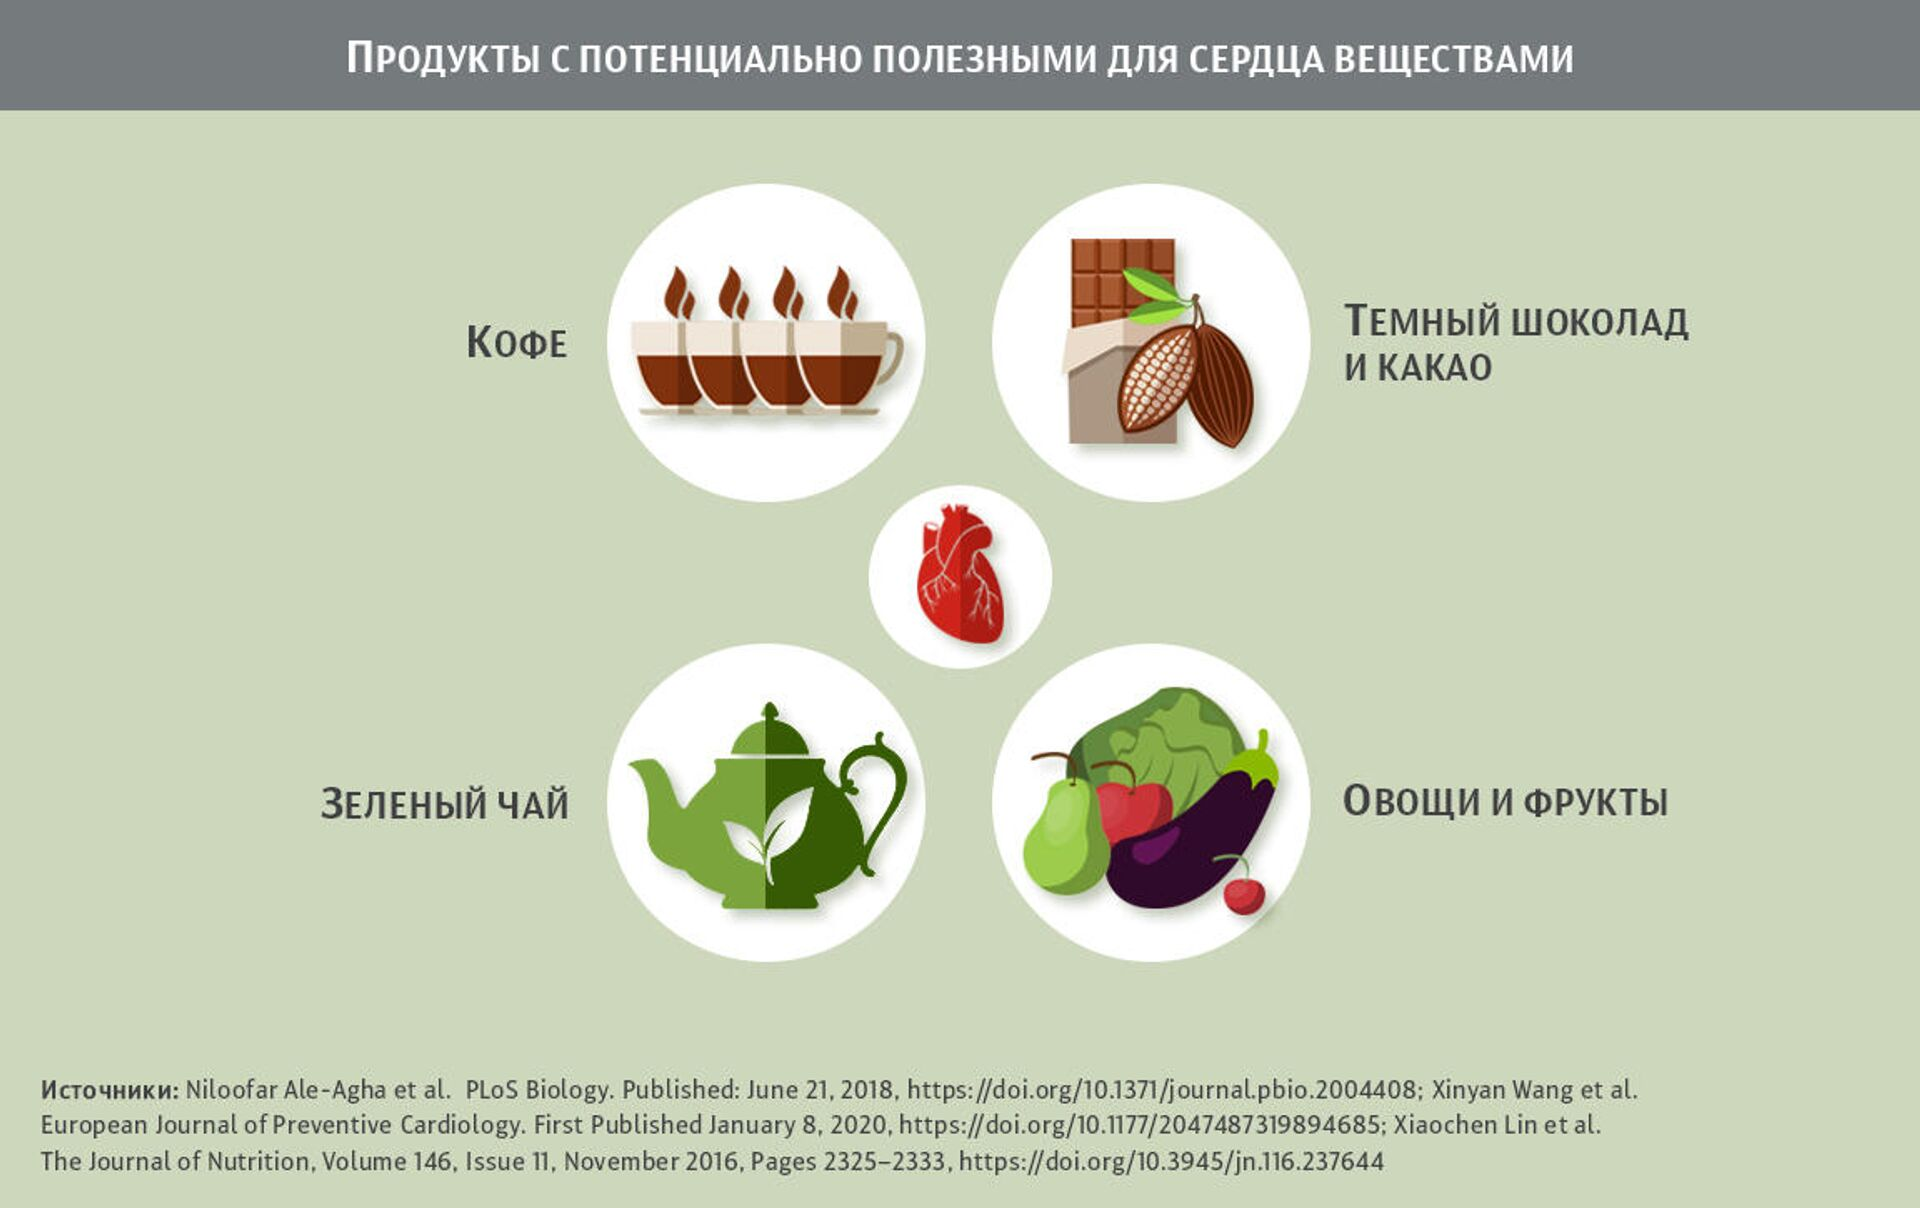 Как защитить сердце и сосуды с помощью диеты - ПРОФИ Новости, 1920, 30.03.2021